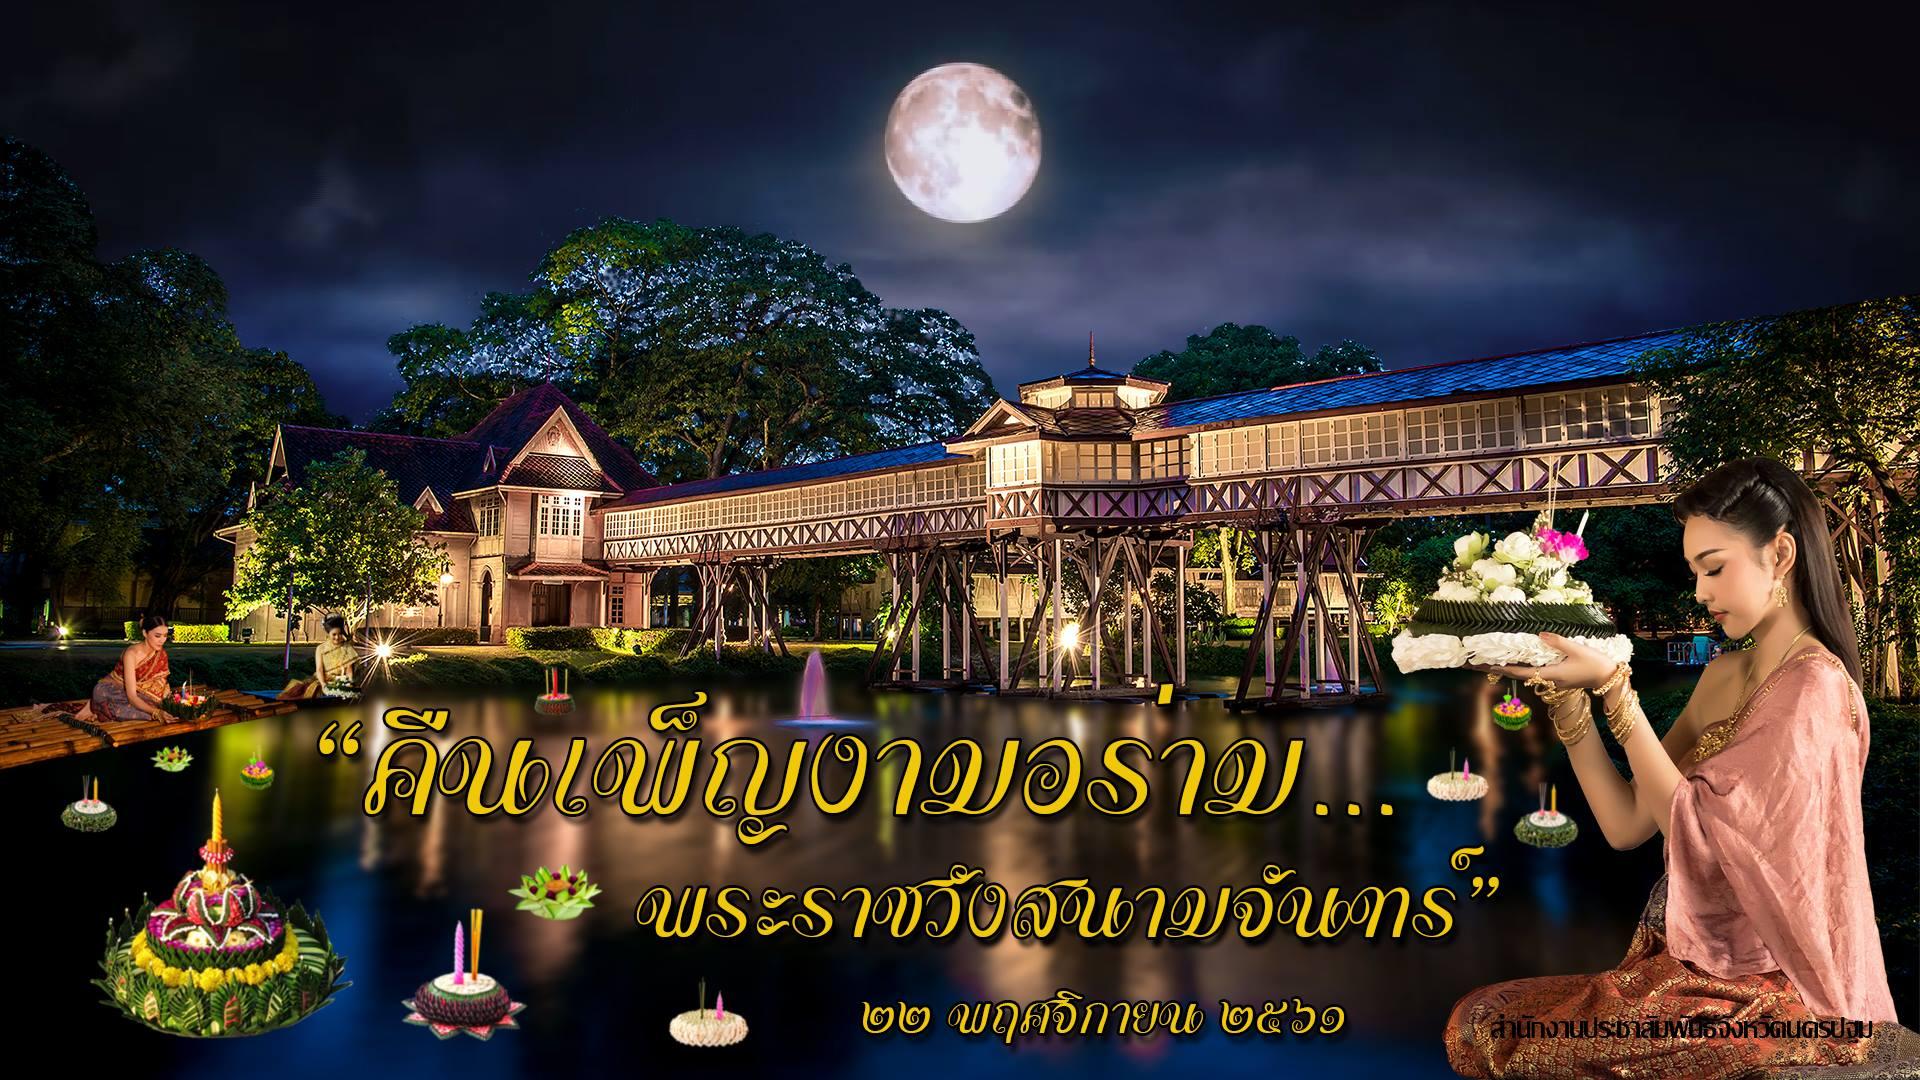 คืนเพ็ญงามอร่าม พระราชวังสนามจันทร์ 22 พฤศจิกายน 2561 จังหวัดนครปฐม